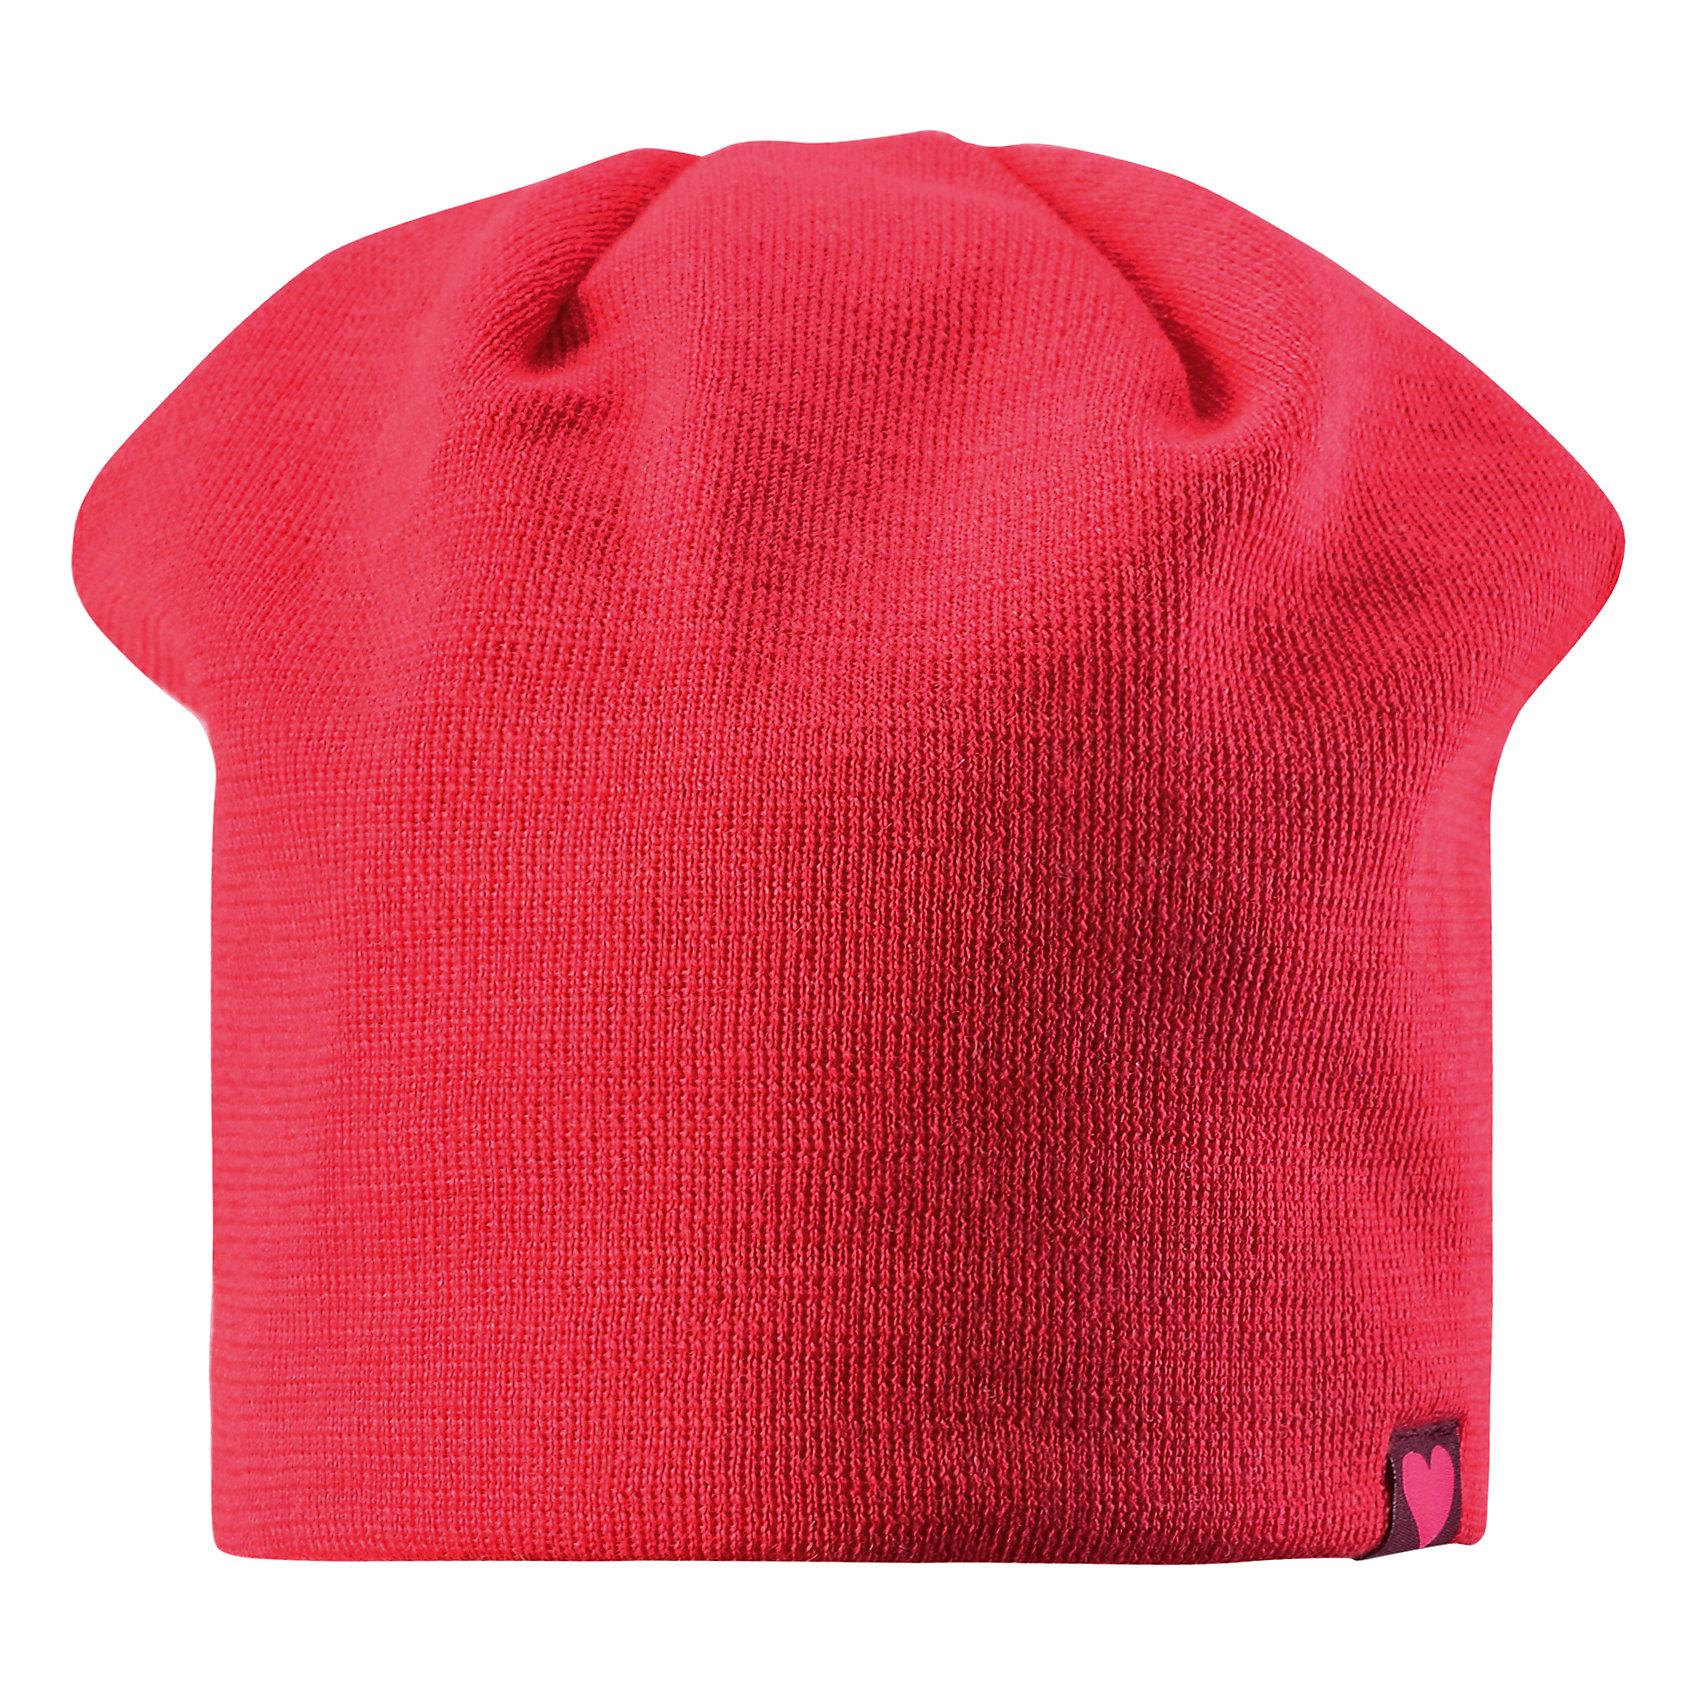 Шапка LASSIEШапки и шарфы<br>Шапка «Бини» для детей известной финской марки.<br><br>- Мягкая и теплая ткань из смеси шерсти.<br><br>- Ветронепроницаемые вставки в области ушей.<br>- Мягкая теплая подкладка из флиса. <br>- Помпон сверху. <br>- Декоративная структура поверхности. <br>- Светоотражающая эмблема Lassie® спереди.  <br><br>Рекомендации по уходу: Придать первоначальную форму вo влажном виде. <br><br>Возможна усадка 5 %.Состав: 50% Шерсть, 50% полиакрил.<br><br>Ширина мм: 89<br>Глубина мм: 117<br>Высота мм: 44<br>Вес г: 155<br>Цвет: розовый<br>Возраст от месяцев: 12<br>Возраст до месяцев: 24<br>Пол: Женский<br>Возраст: Детский<br>Размер: 46-48,54-56,50-52<br>SKU: 4780705